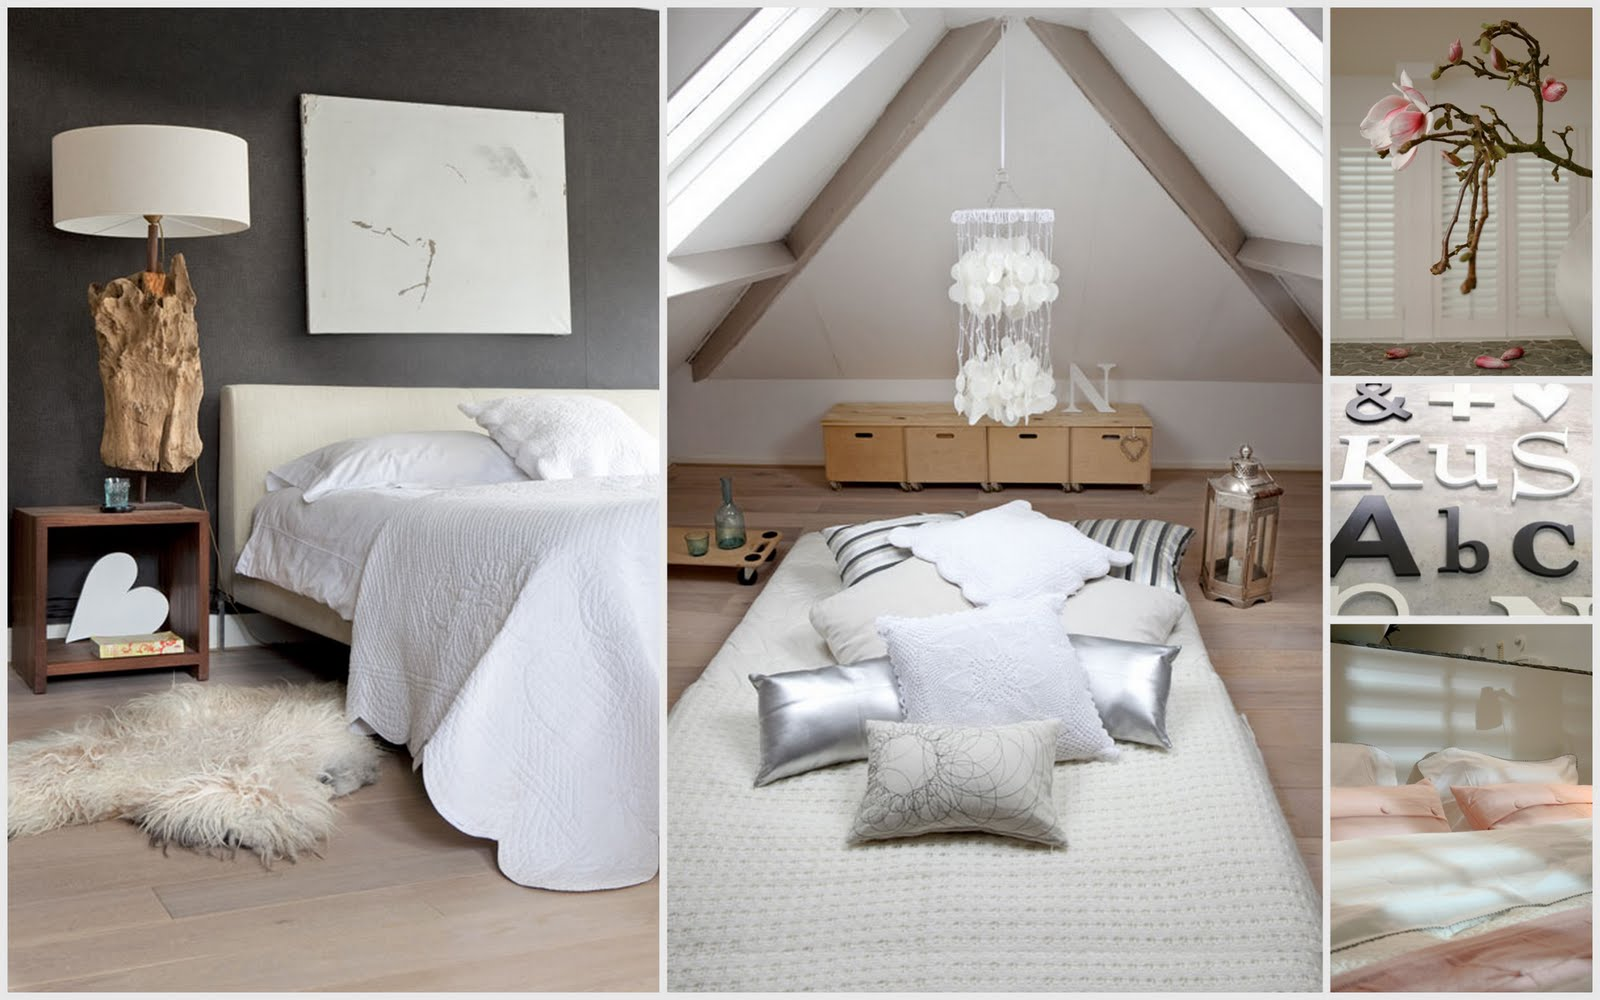 Slaapkamer Zen: Zen interieur slaapkamer pour relooker une chambre ...